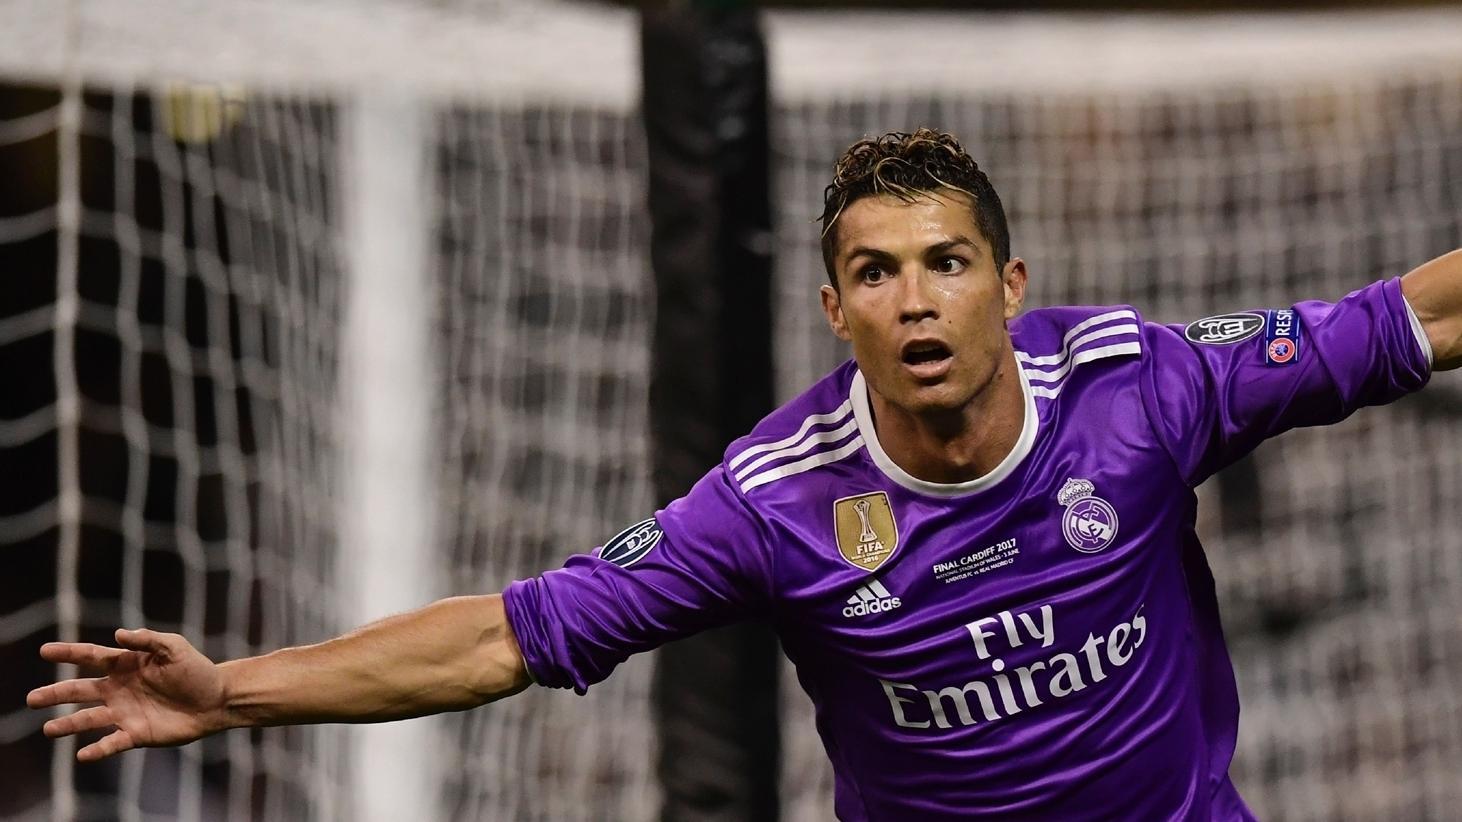 Todas Las Finales De La Champions League En Vídeo Uefa Champions League Uefa Com